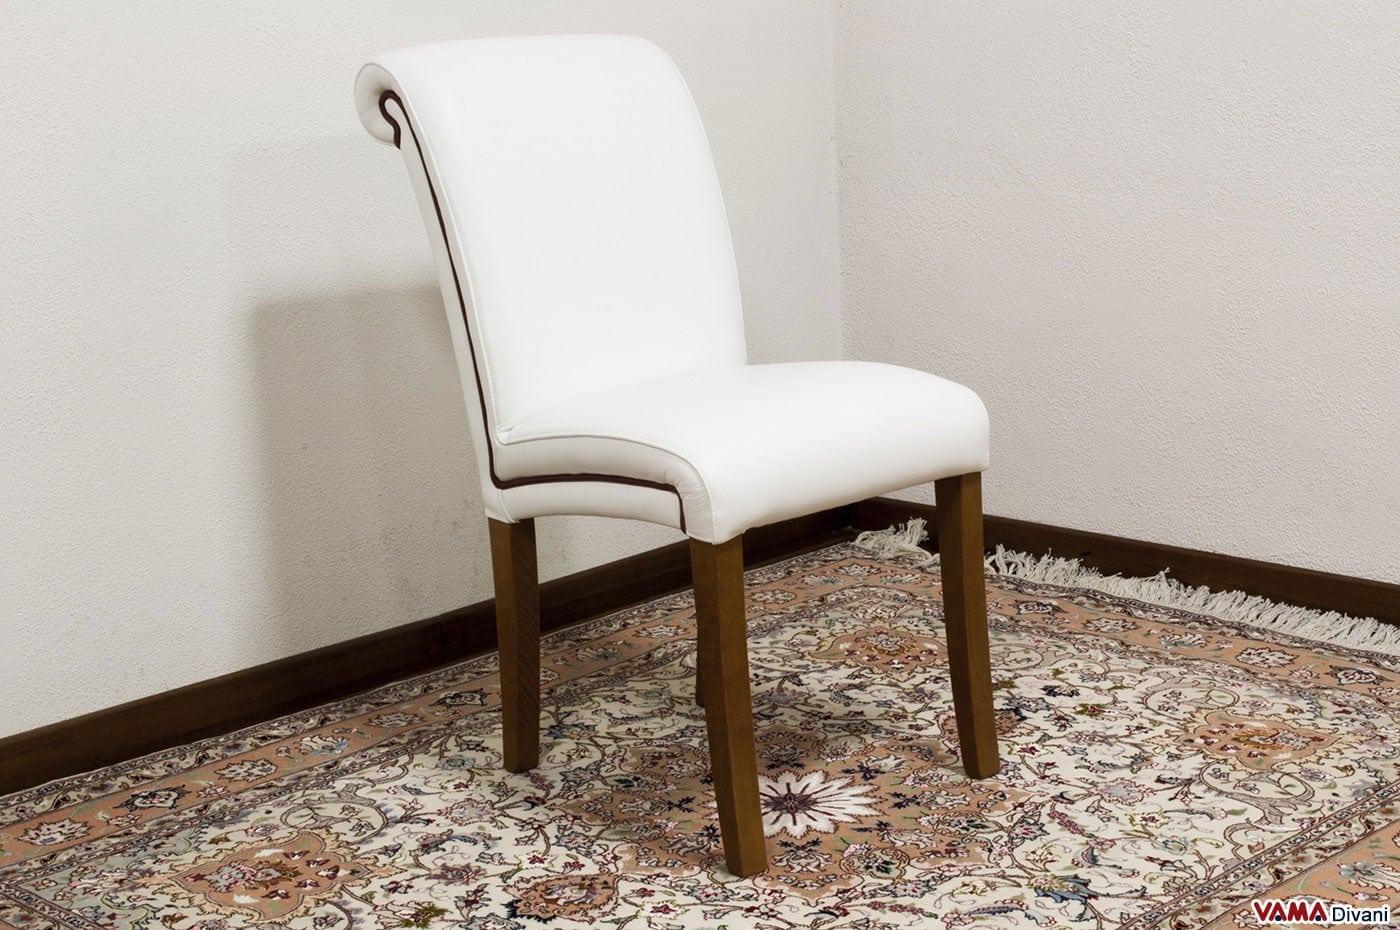 Sedia in Pelle Imbottita in Stile Classico